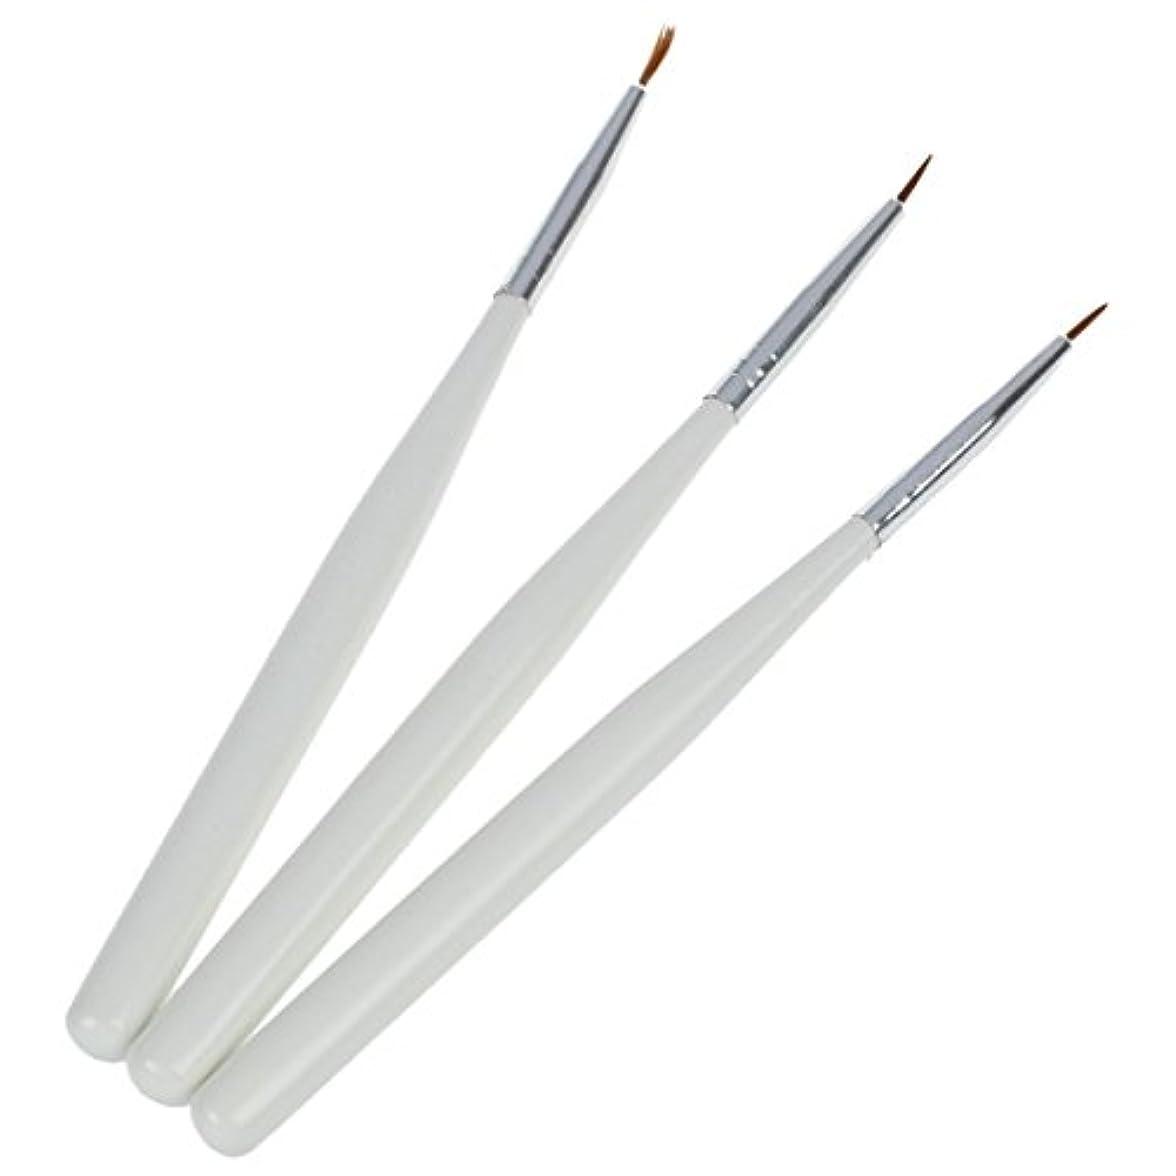 登る川コールネイルアートペン, SODIAL(R)3 ホワイト ネイルアートデザインペン 絵画点在ブラシセット